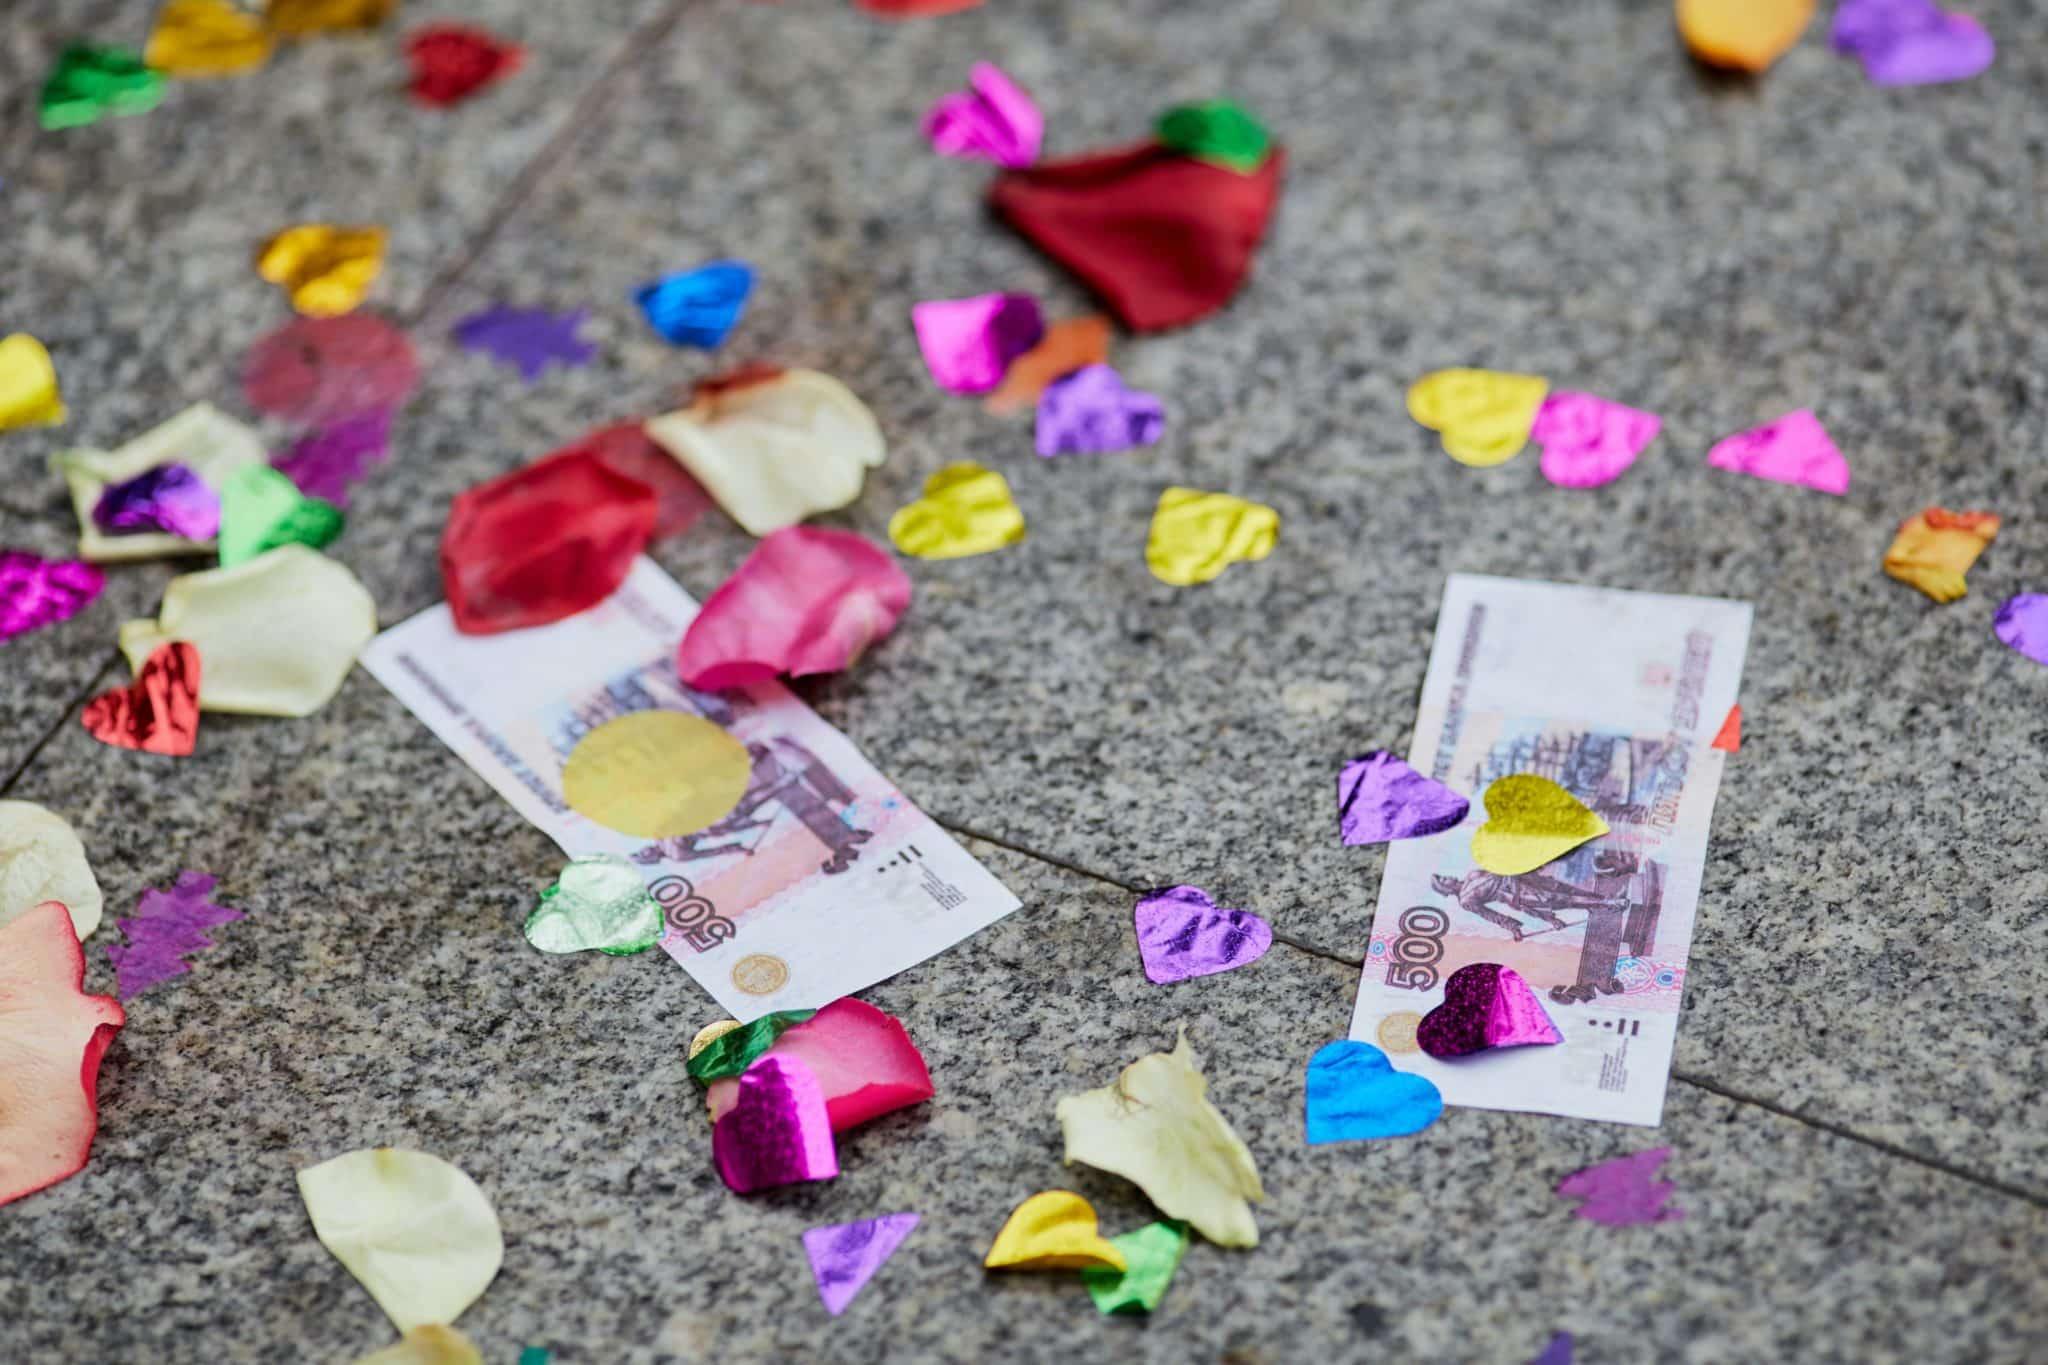 夫妻財產制度如影響離婚財產分配?